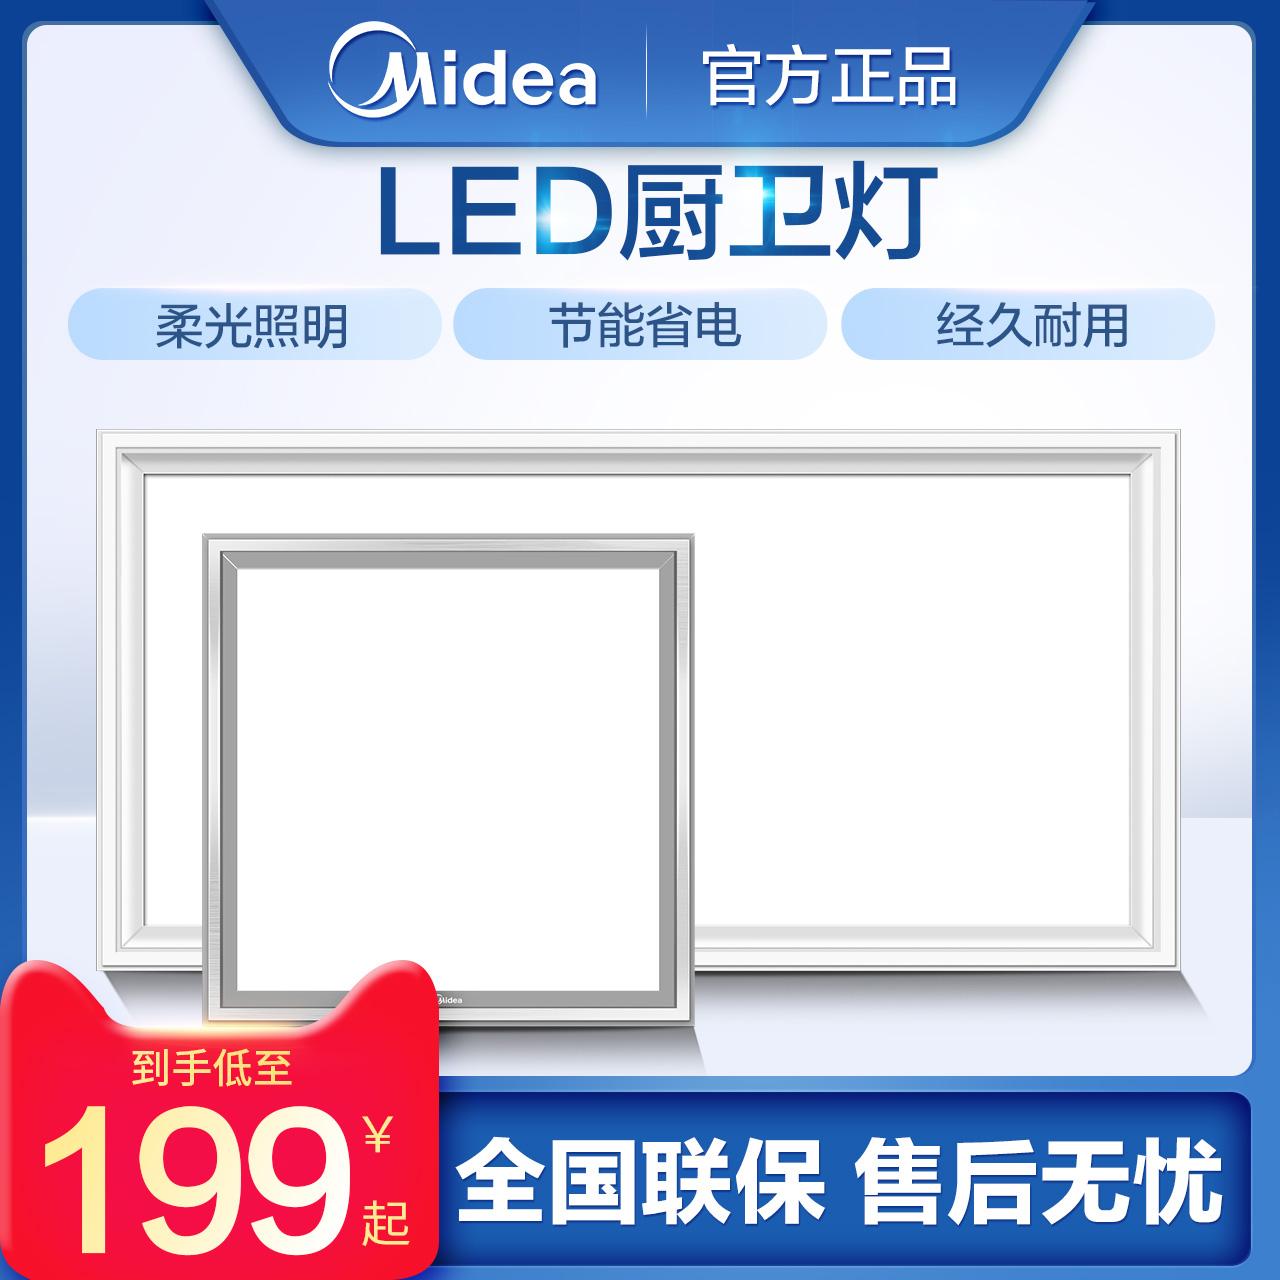 美的集成吊顶铝扣板嵌入式LED灯平板灯厨房灯面板灯吸顶灯厨卫灯